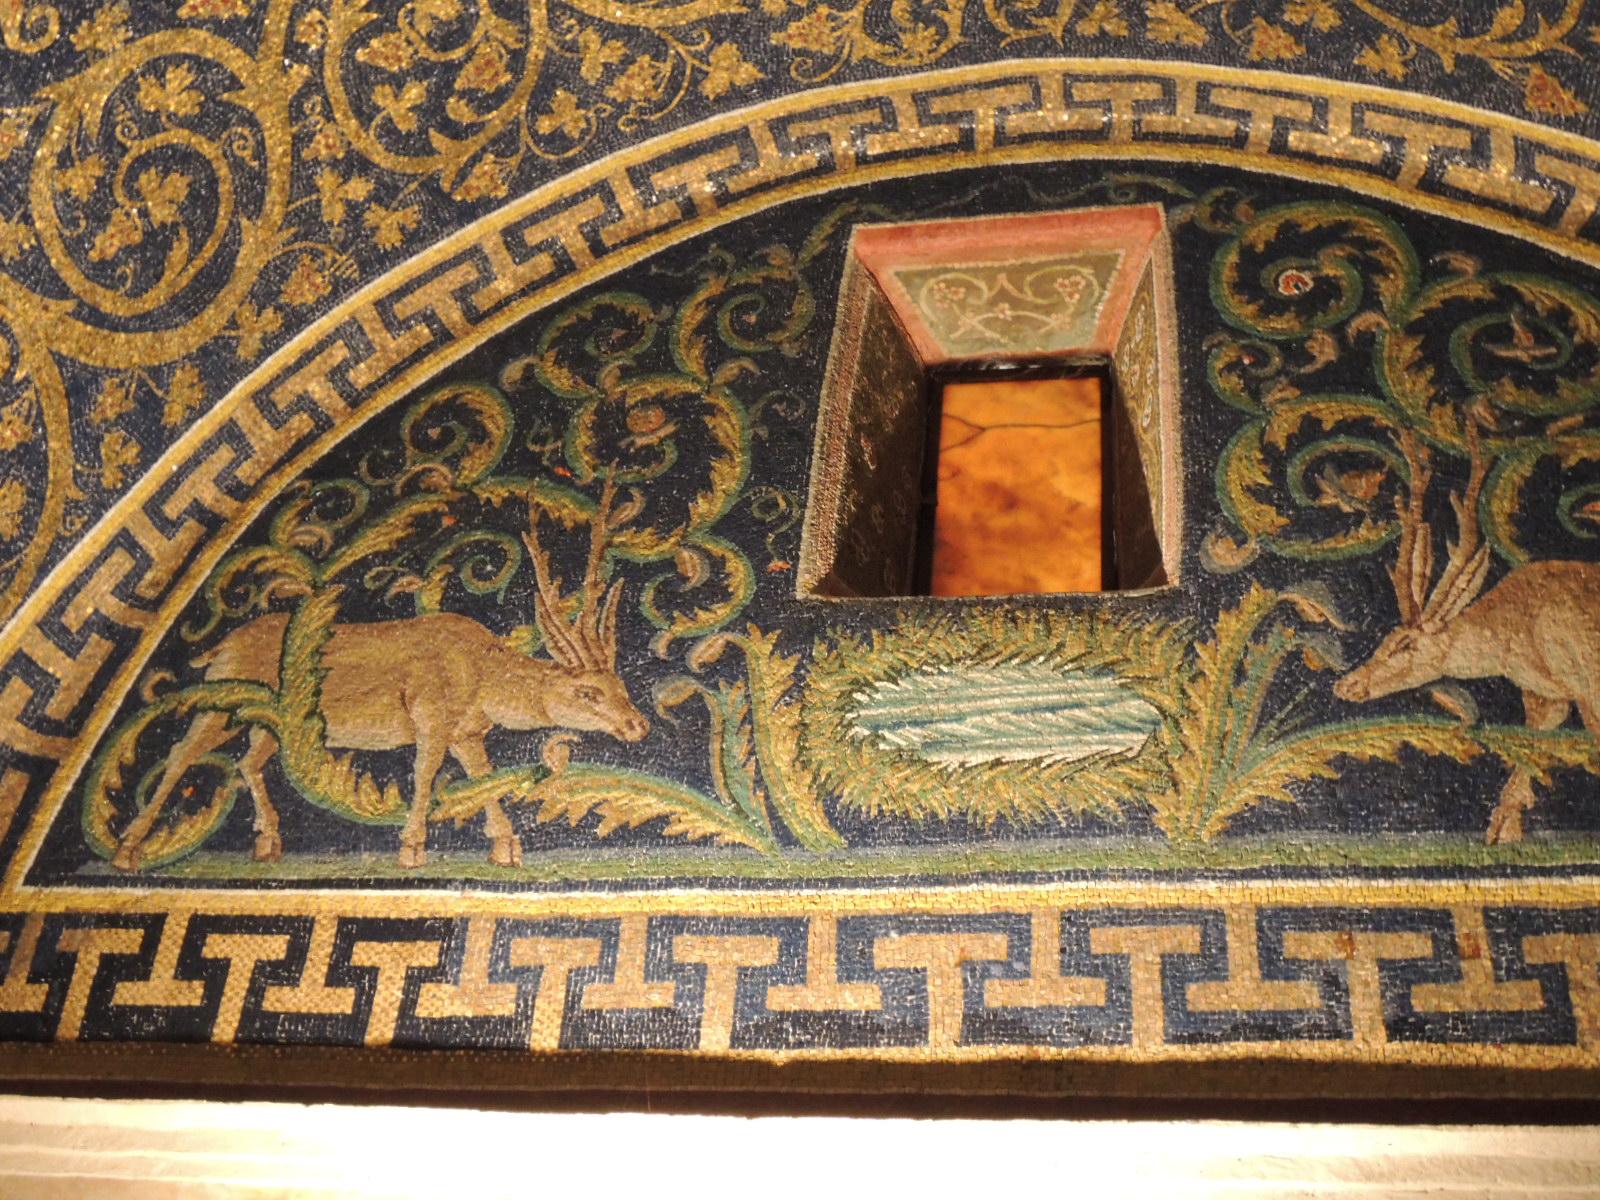 ガッラプラキーディア廟モザイク 画